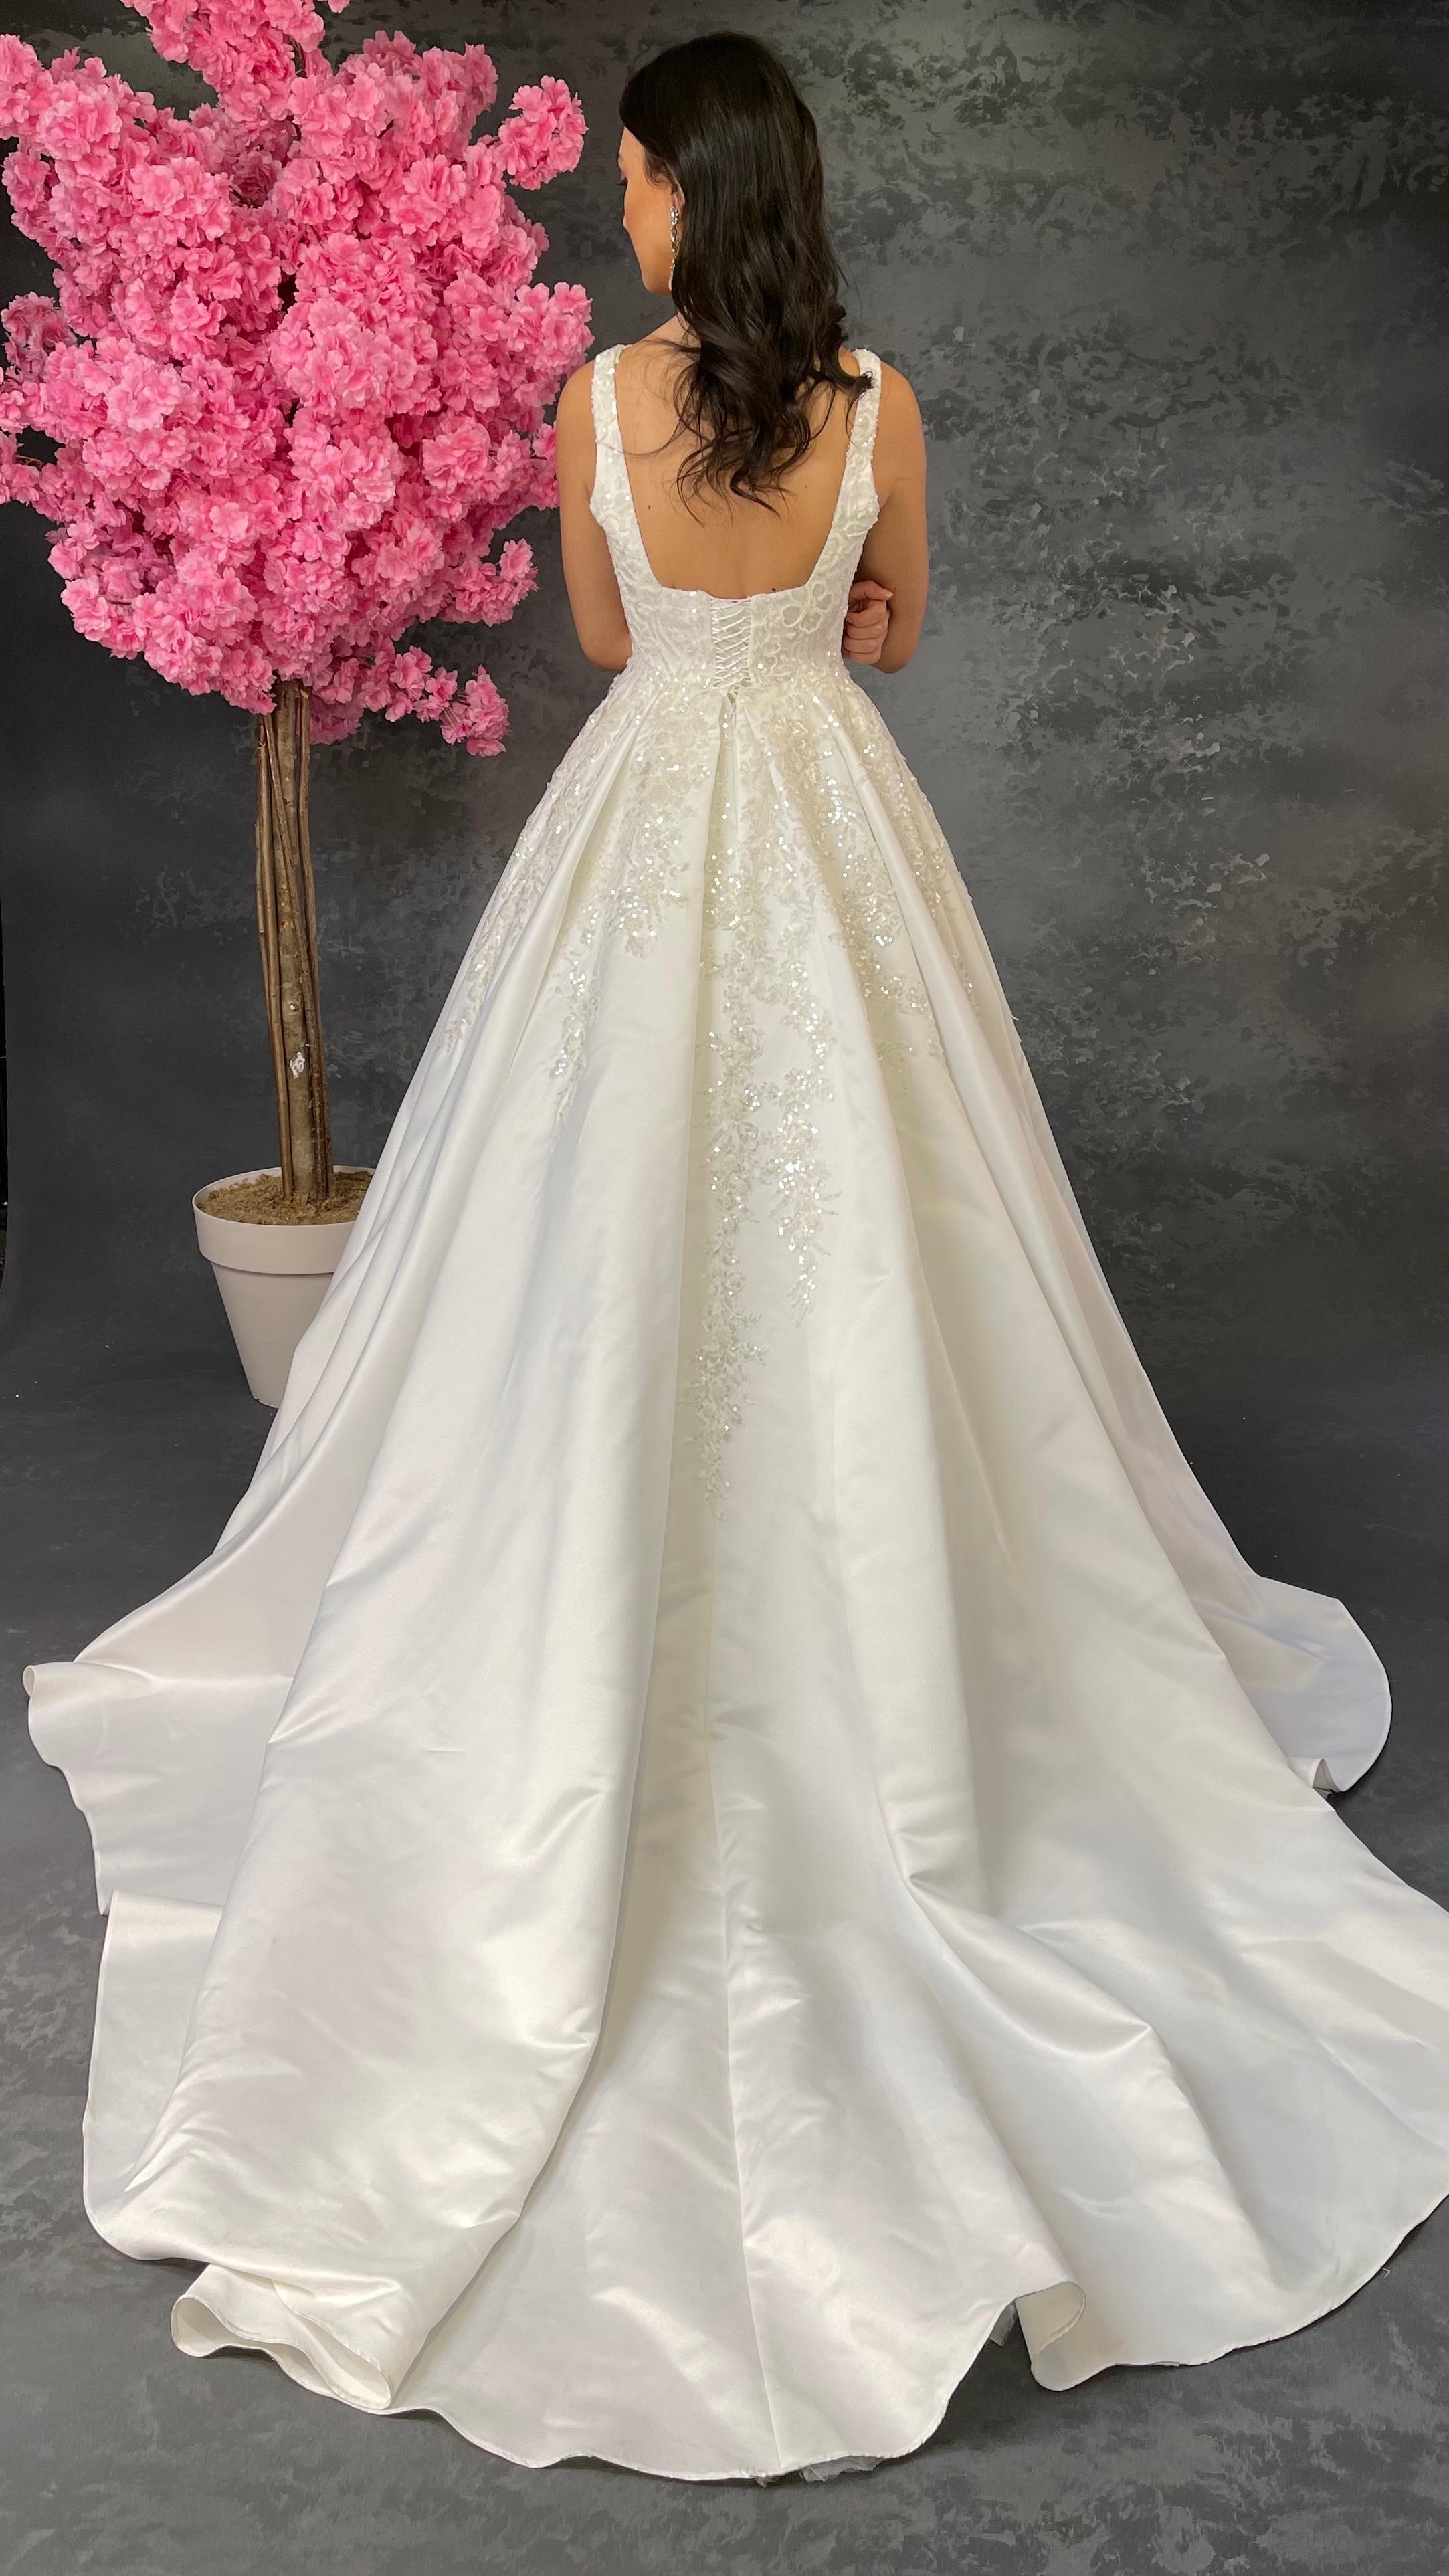 فستان زفاف ساتان أبيض بياقة مربعة للنساء ، بياقة مربعة مطوية ، دانتيل ، ياقة مربعة